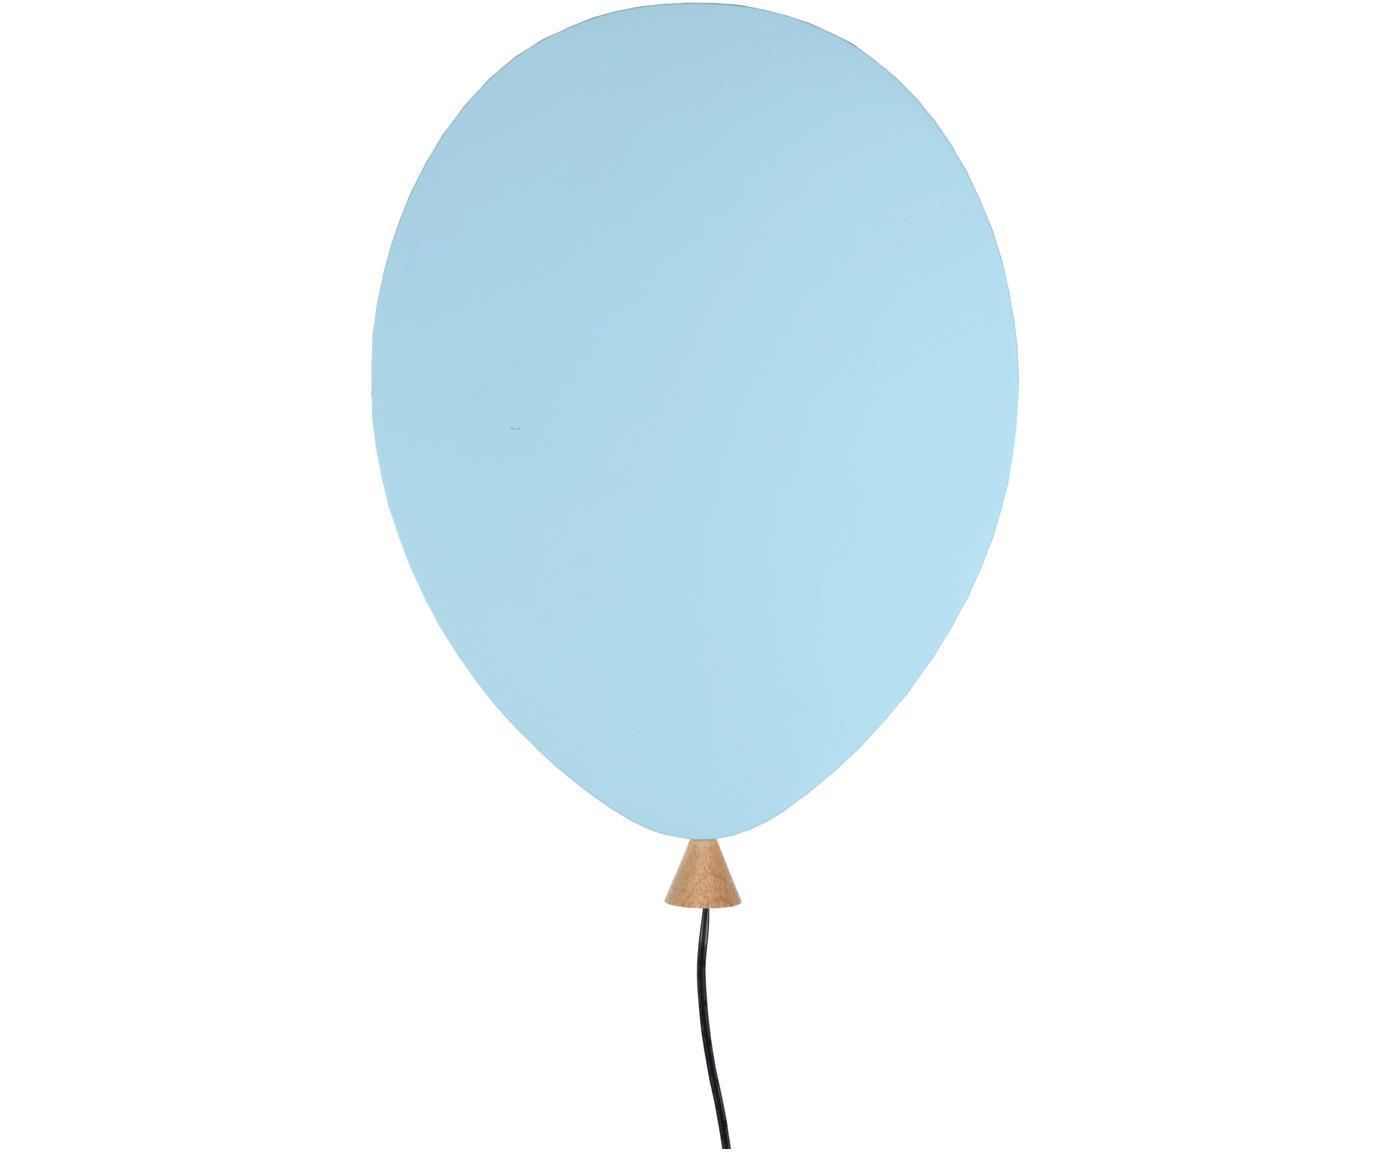 Aplique Balloon, con enchufe, Pantalla: madera recubierta, Cable: plástico, Azul, An 25 x Al 35 cm